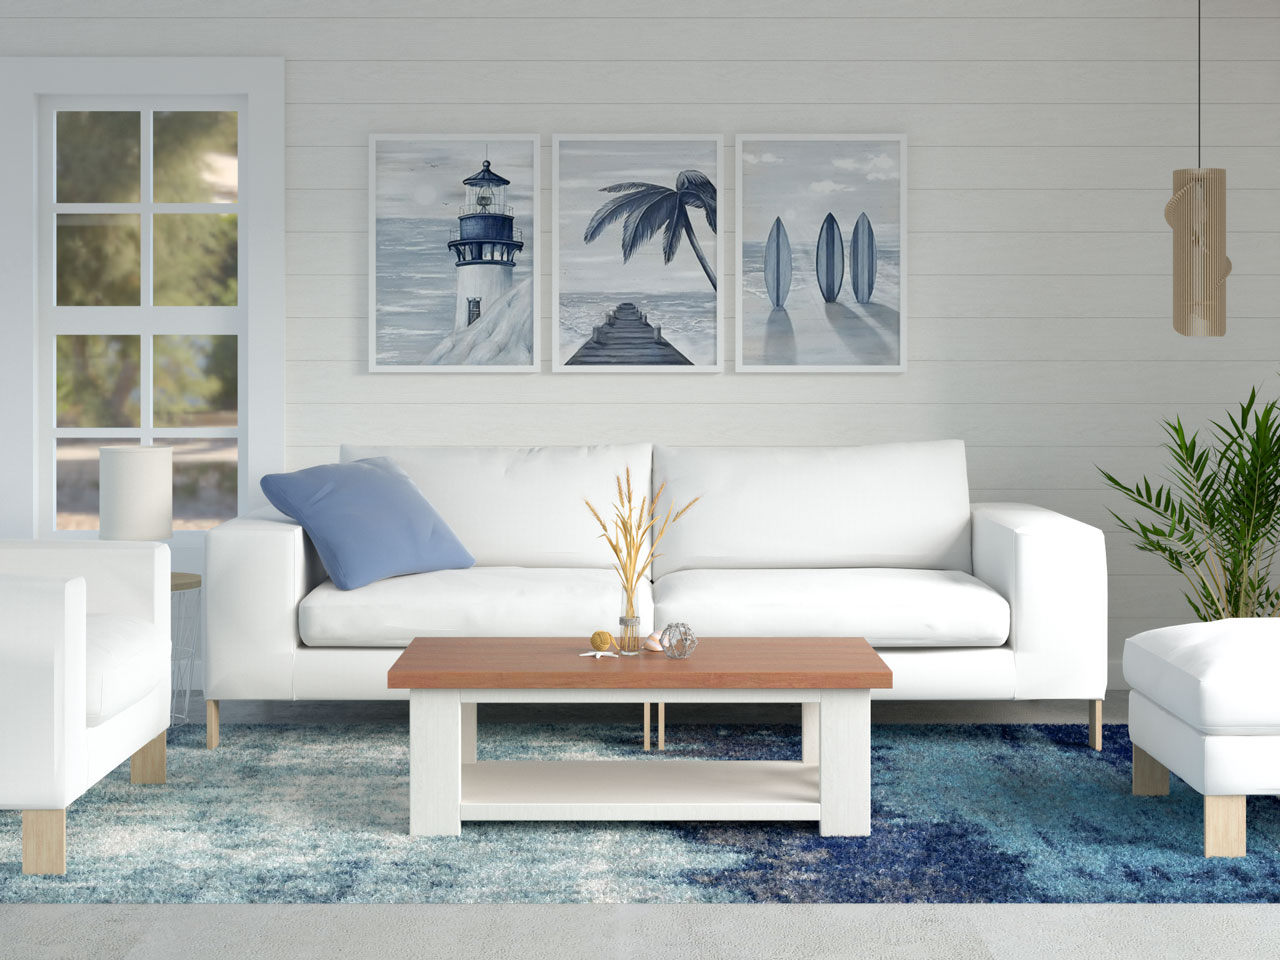 Coastal home with blue wave area rug